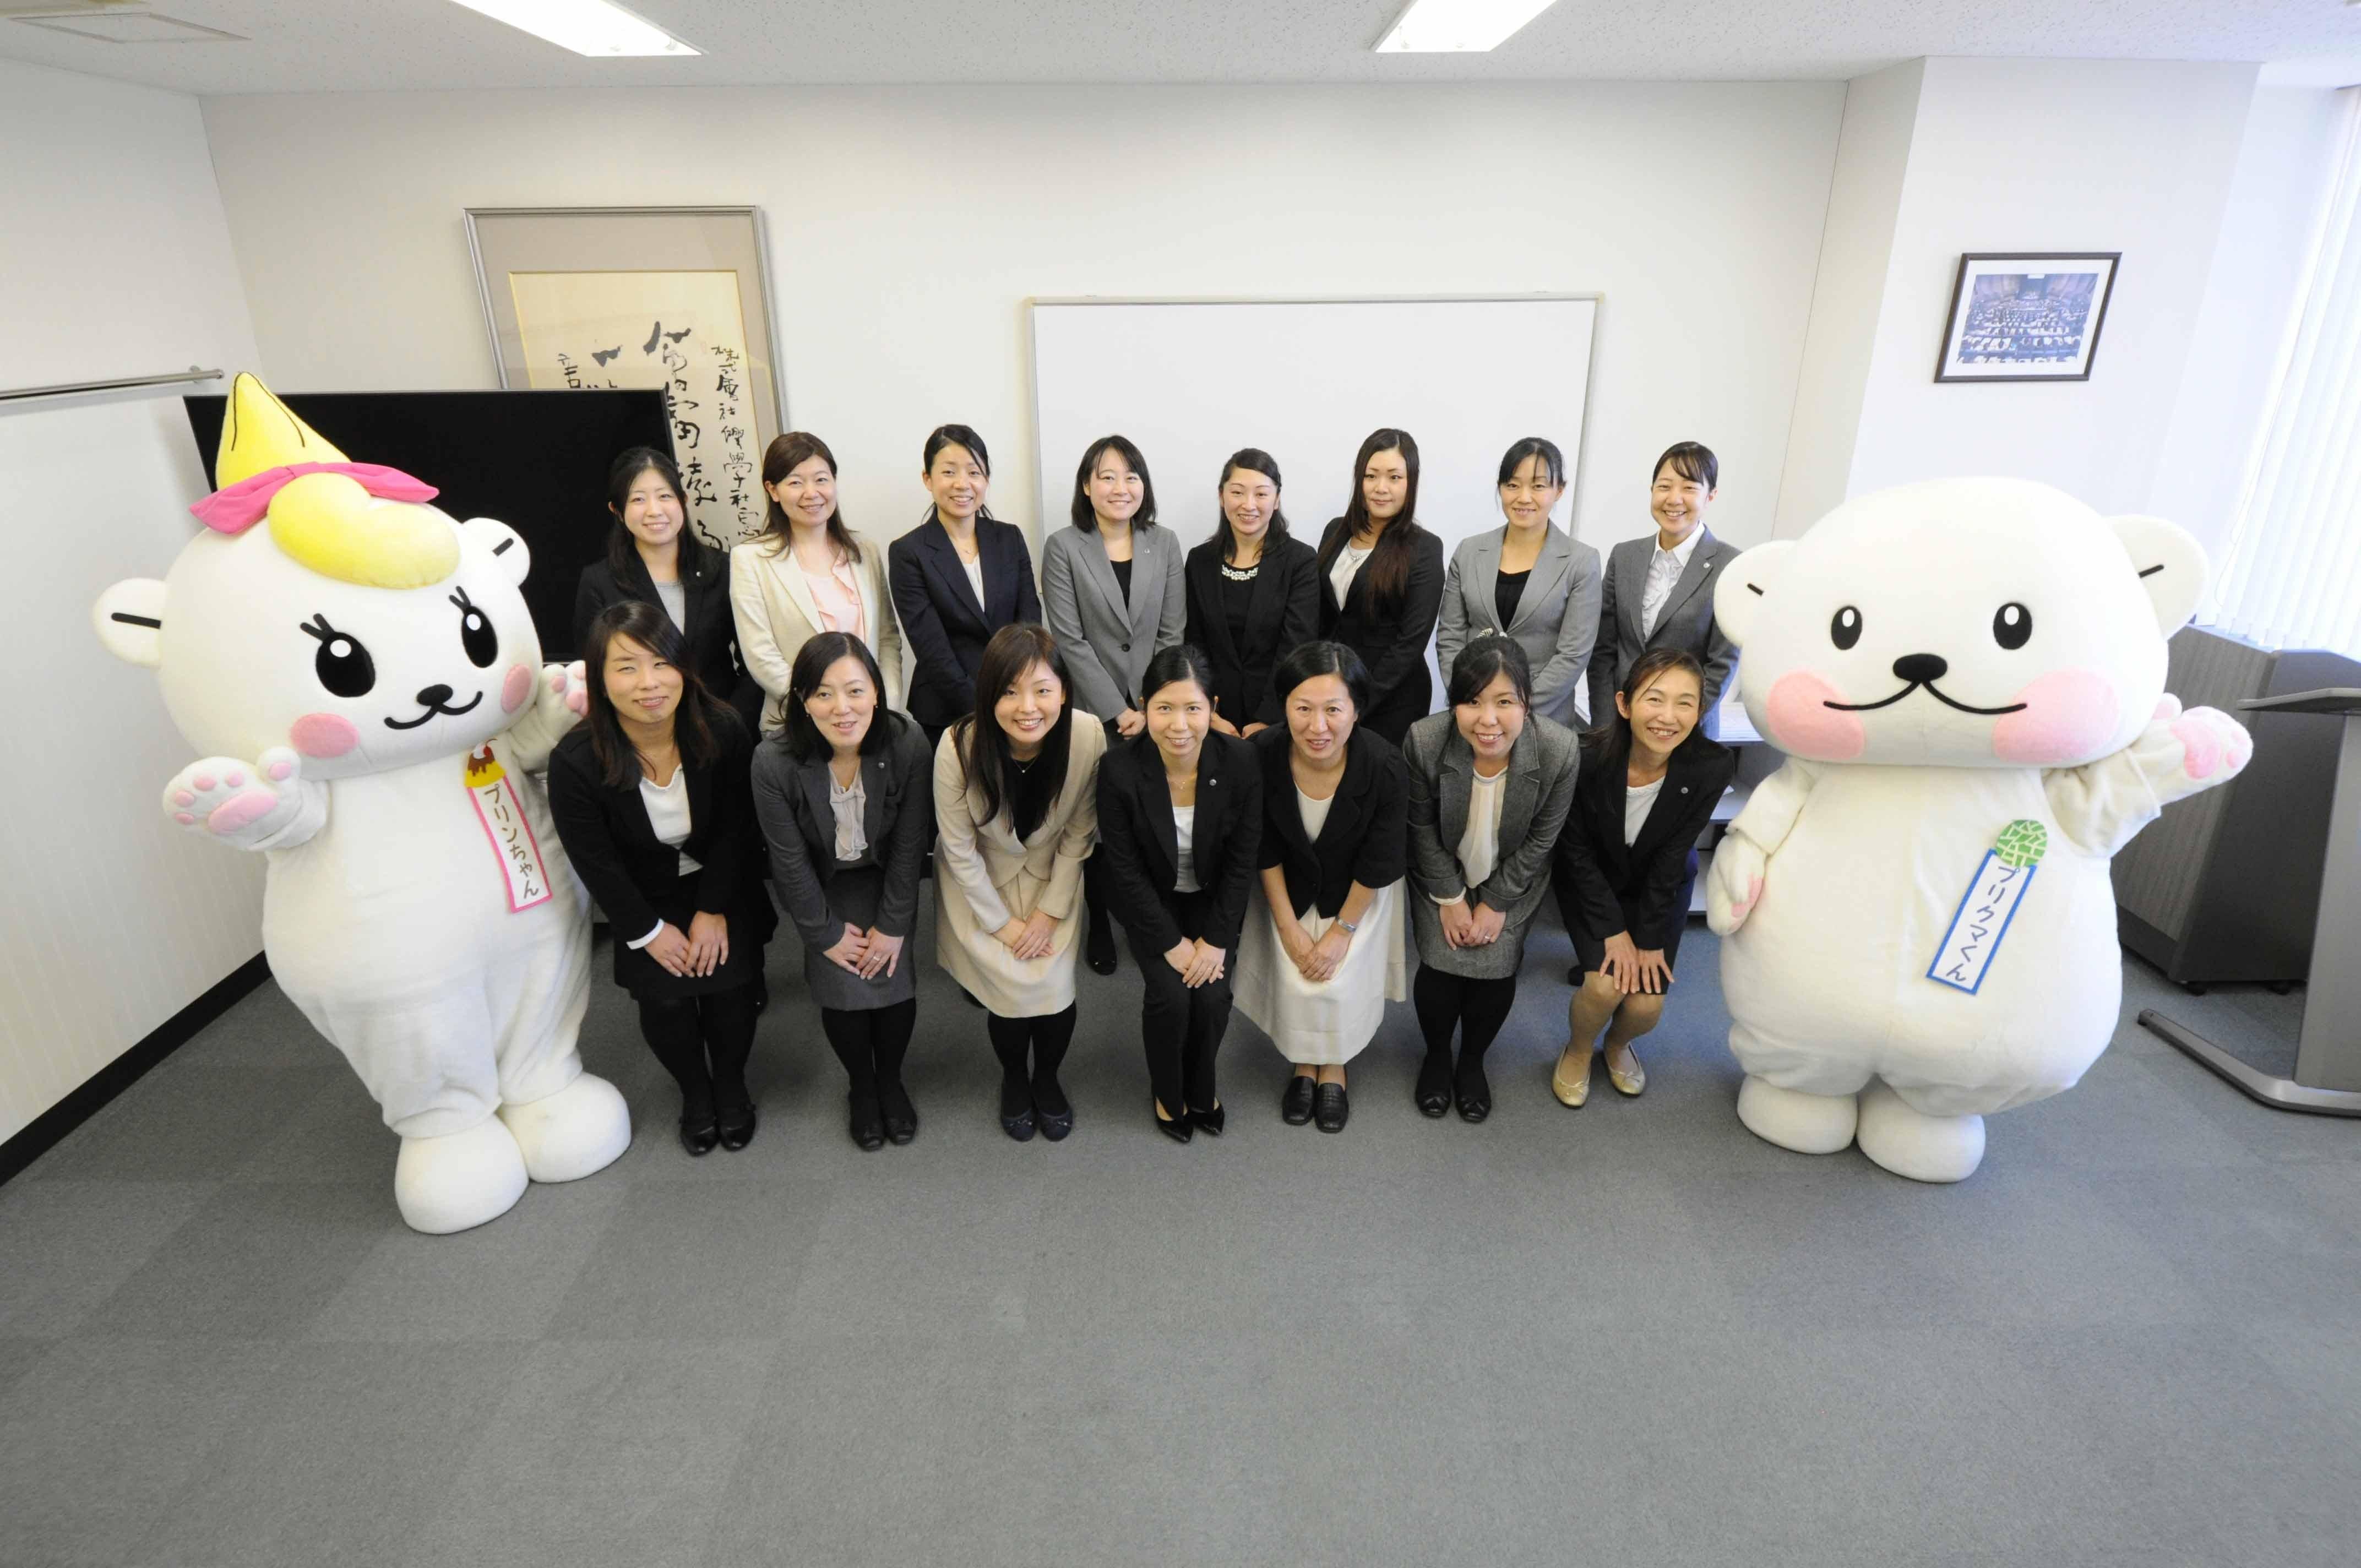 東京パソコンアカデミー 多摩センター校 のアルバイト情報